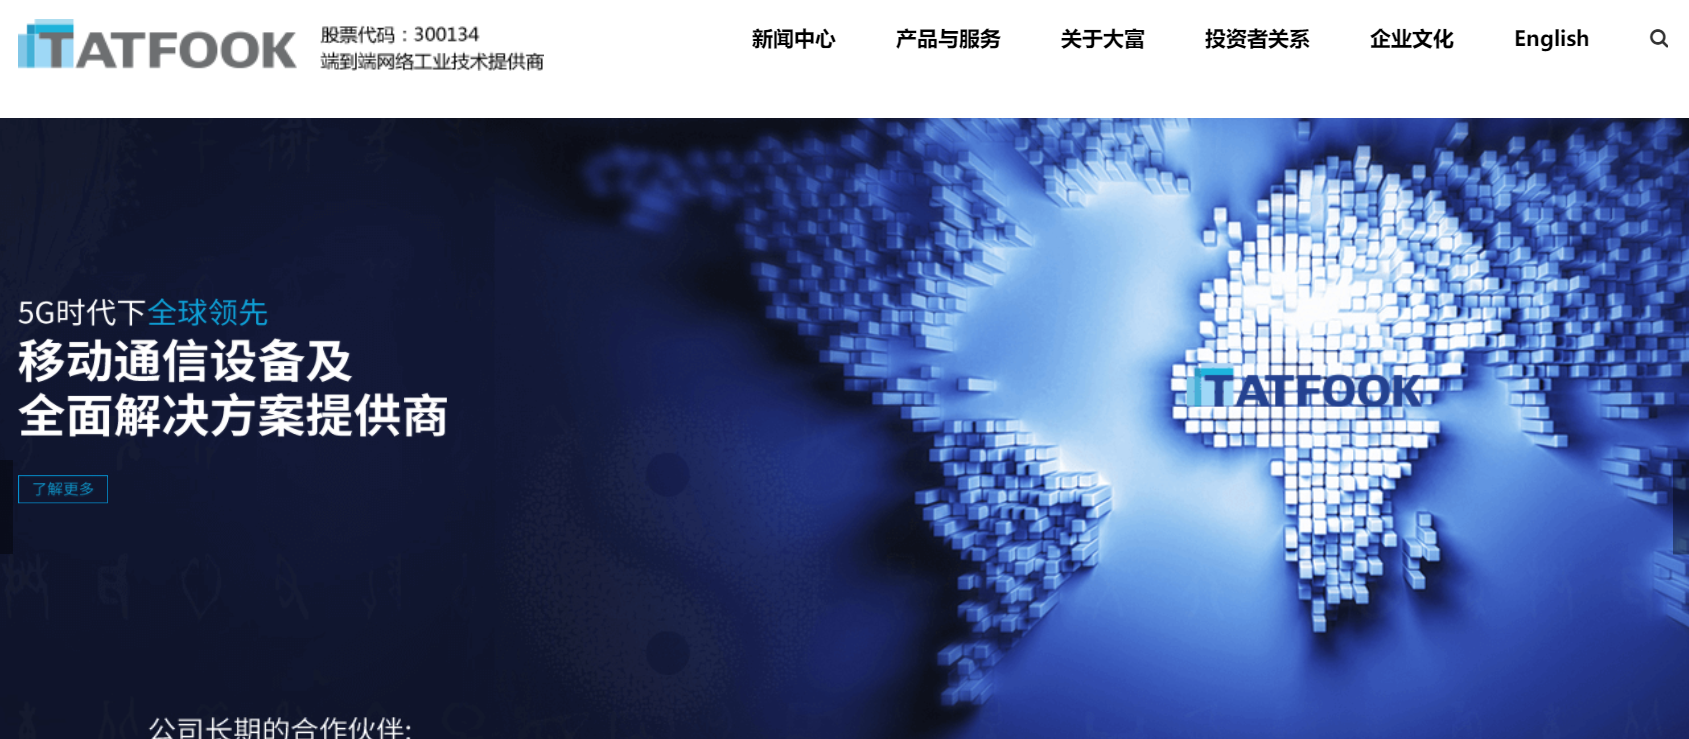 上市10年后 大富科技拟变更注册地址:由深圳宝安区变更为安徽蚌埠市